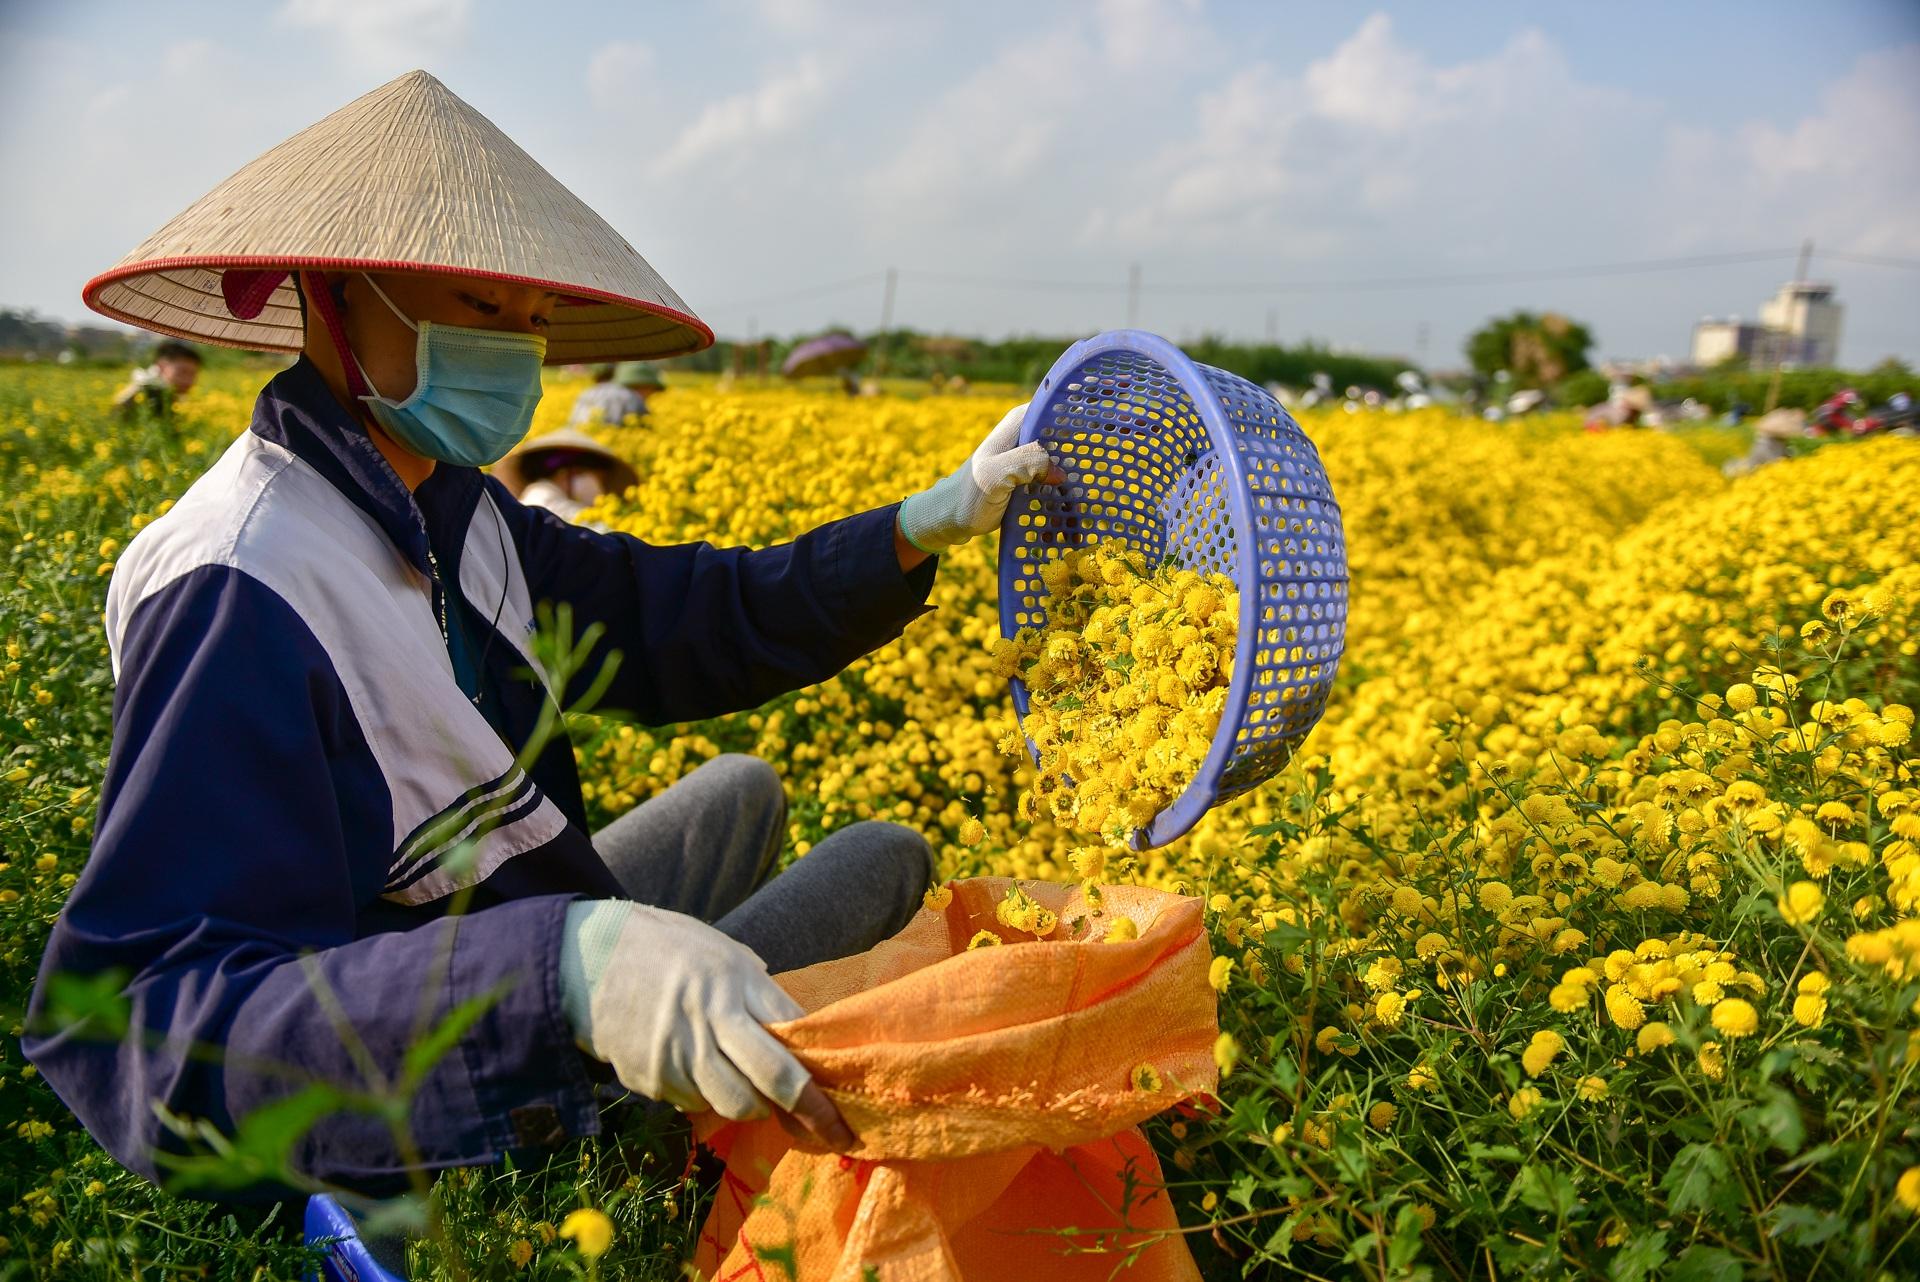 Ngắm cánh đồng cúc tiến vua vàng ruộm mộng mơ tại Nghĩa Trai, Hưng Yên - 18